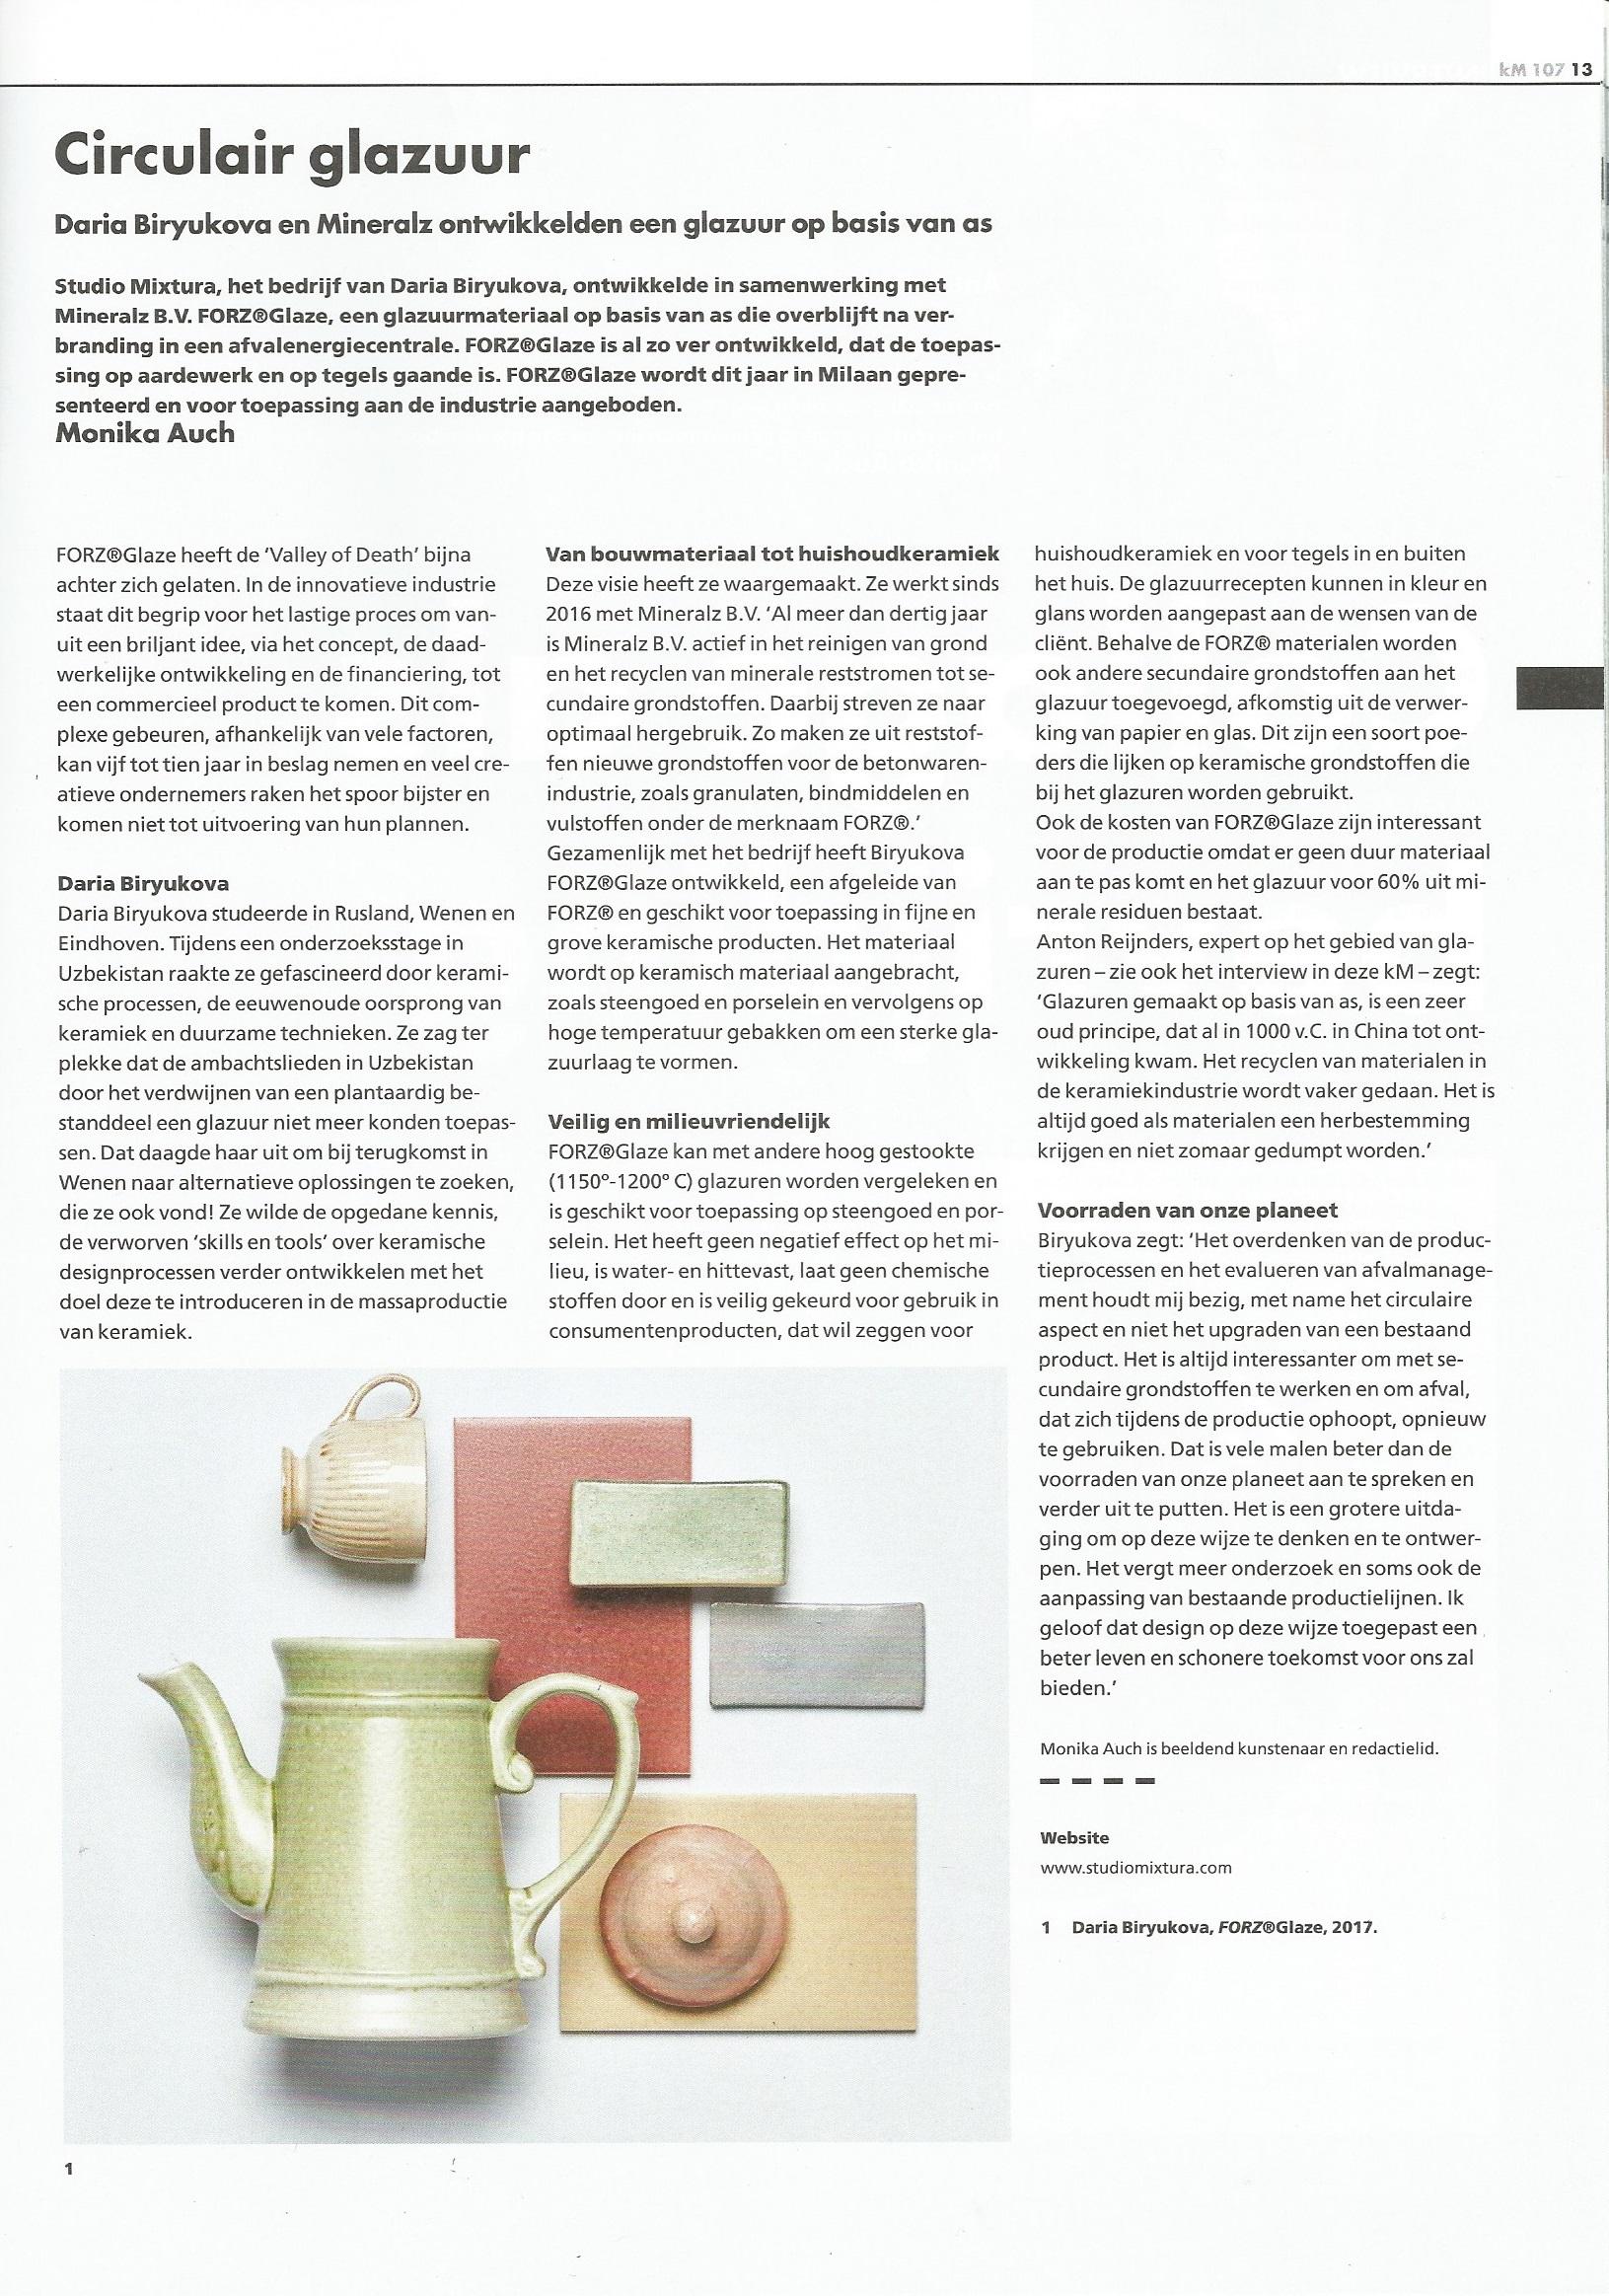 KM_interview_FORZ(R)Glaze.jpg